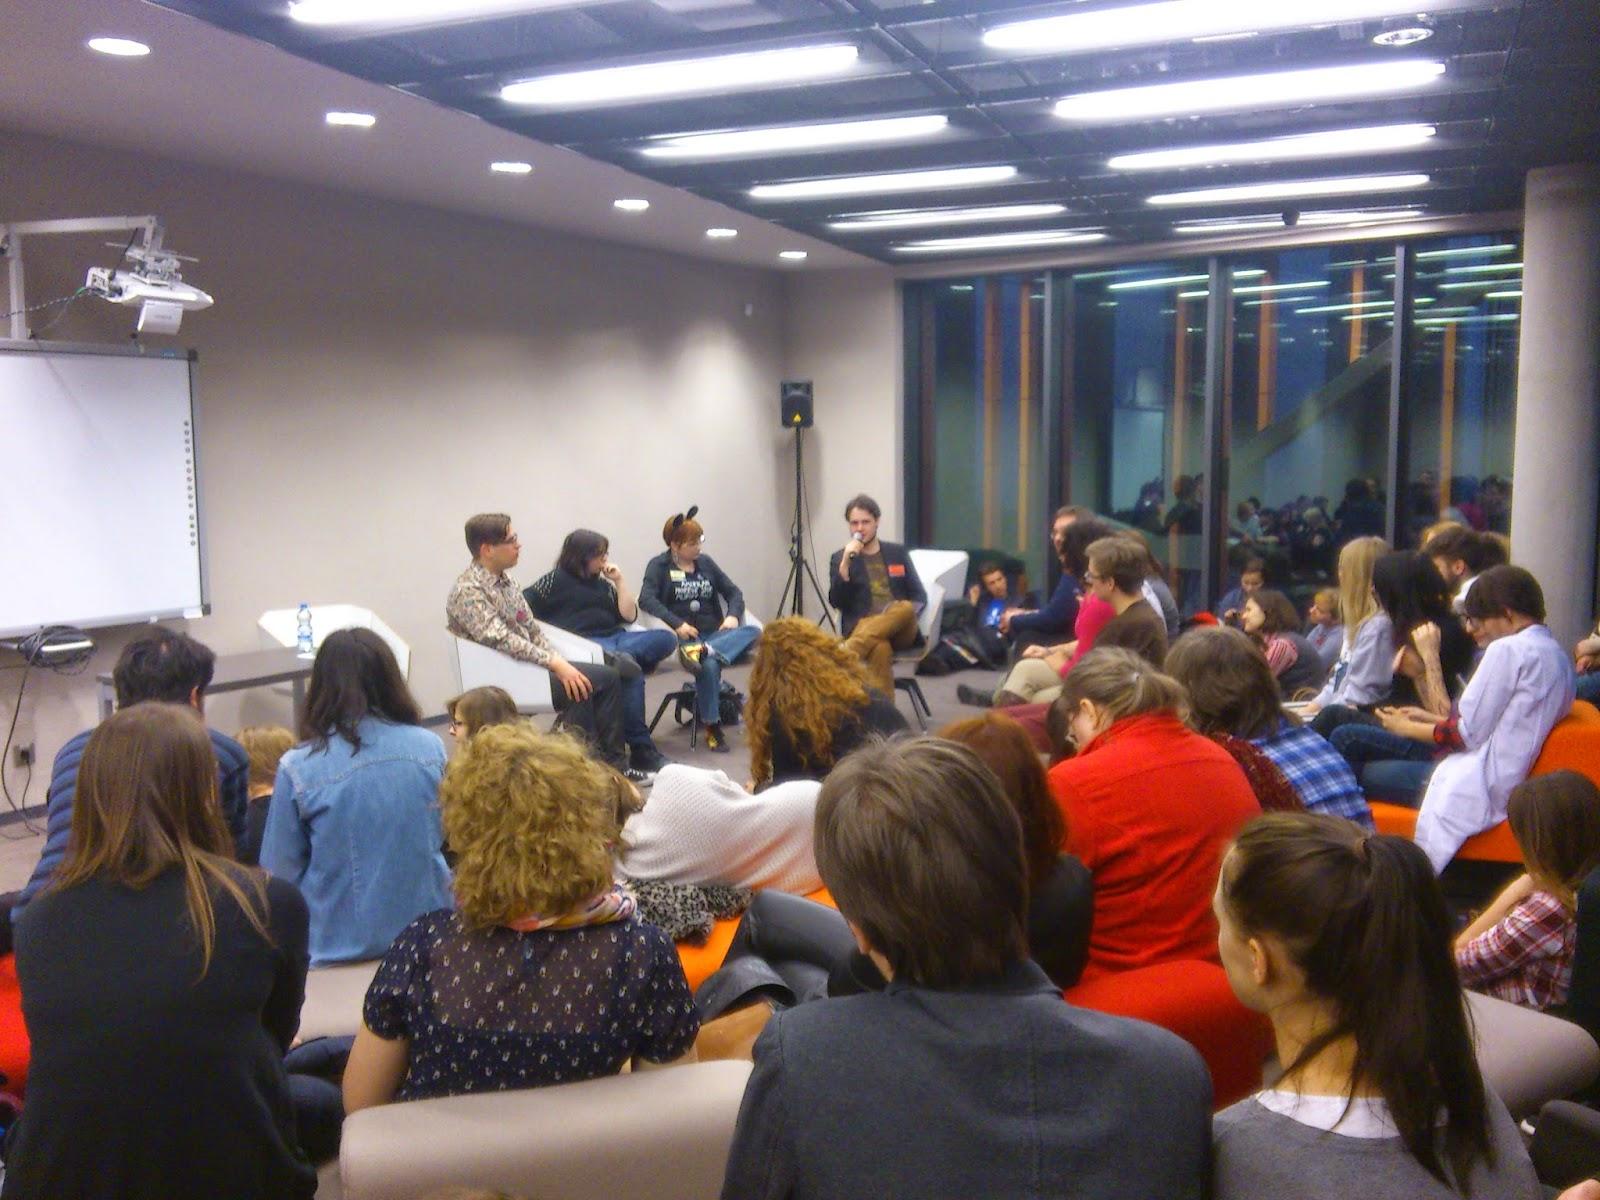 Serialkon – pierwszy w Polsce konwent o serialach odbył się 23 listopada w Krakowie w Bibliotece na Rajskiej i jej Artetece. Ryzykowny eksperyment takie głosy pojawiały się, gdy organizatorzy ogłosili swoją ideę. Zainteresowanie potencjalnych uczestników przerosło oczekiwania chyba wszystkich – ponad 800 osób zapisanych na wydarzeniu na FB, obszerny program prelekcji. W tym miejscu trzeba wspomnieć, że chętnych do wygłoszenia swojego wykładu było naprawdę sporo, a tylko nieliczni mogli wystąpić przed publicznością w niedzielę. Tego dnia było wszystko – ciekawe dyskusje, beznadziejne wystąpienia, poprzebierani maniacy, gry planszowe, różne, fanowskie rzeczy do kupienia – fan seriali mógł czuć się jak w niebie. Nasza relacja opiera się głównie na notatkach Lubej, której z tego miejsca serdecznie dziękuję :)  Na konwent docieramy około 11.20. Już przed wejściem do Arteteki można zgłosić się do punktu akredytacyjnego, jednak kilka osób mówi, żebyśmy weszli do środka, bo tam też można się zgłosić, a kolejka jest ciut mniejsza. Wchodzimy. Cztery dziewczyny siedzą za stołem i proszą do siebie. Rejestrujemy się. Dostajemy identyfikatory, na których możemy napisać swoje imię, pseudonim – co chcemy. Świetny pomysł, którego próżno szukać na innych, tego typu wydarzeniach. Po tym fancie, zostajemy zasypani informatorami, ulotkami, wizytówkami i zakładkami. Jeśli chcemy możemy uraczyć się październikowym numerem CD-Action. Lekko obładowani udajemy się do szatni, gdzie chowamy wszystkie te rzeczy, ciuchy i oznaczeni identyfikatorami chcemy udać się na pierwszą prelekcję.  Zaczepia nas Iza, koleżanka z koła naukowego, która chce zapytać o jedną z książek, którą opisywałem na blogu. Przy okazji mówi, że czyta posty i bardzo jej się podobają (BOŻE JAK MIŁO!). Po niej ustawia się kolejka moich fanów, bo nagle wszyscy mnie rozpoznają i chcą autograf.. Nie no, tak nie było, ale pomarzyć można. Wracając do Serialkonu. Udajemy się na pierwszą prelekcję, wcześniej zerkając na program i ro